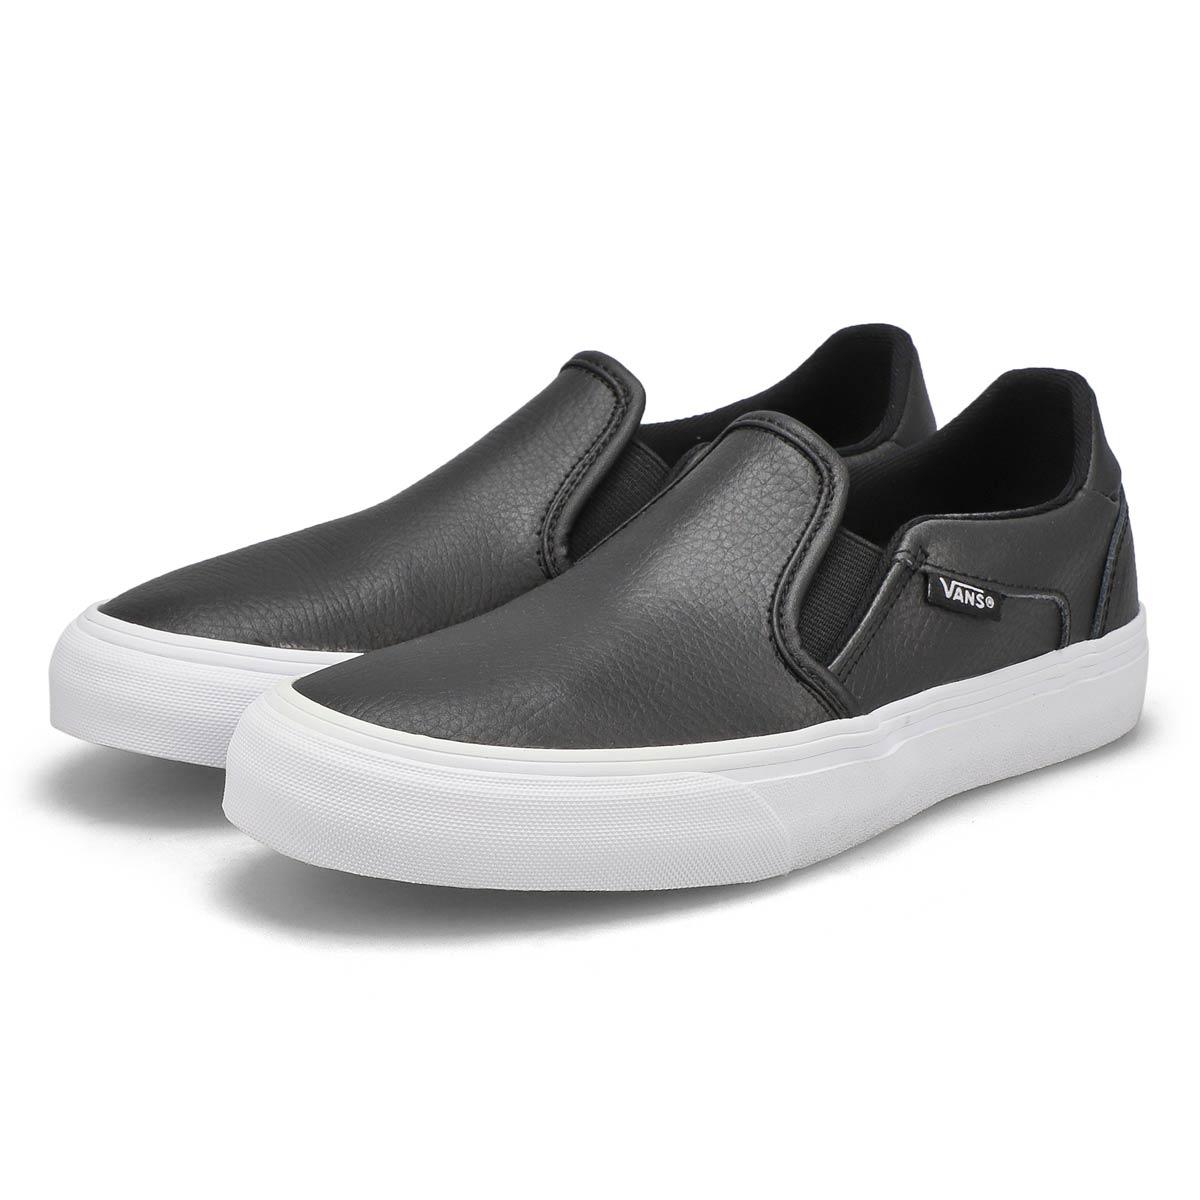 Women's Asher Deluxe Sneaker - Black/White